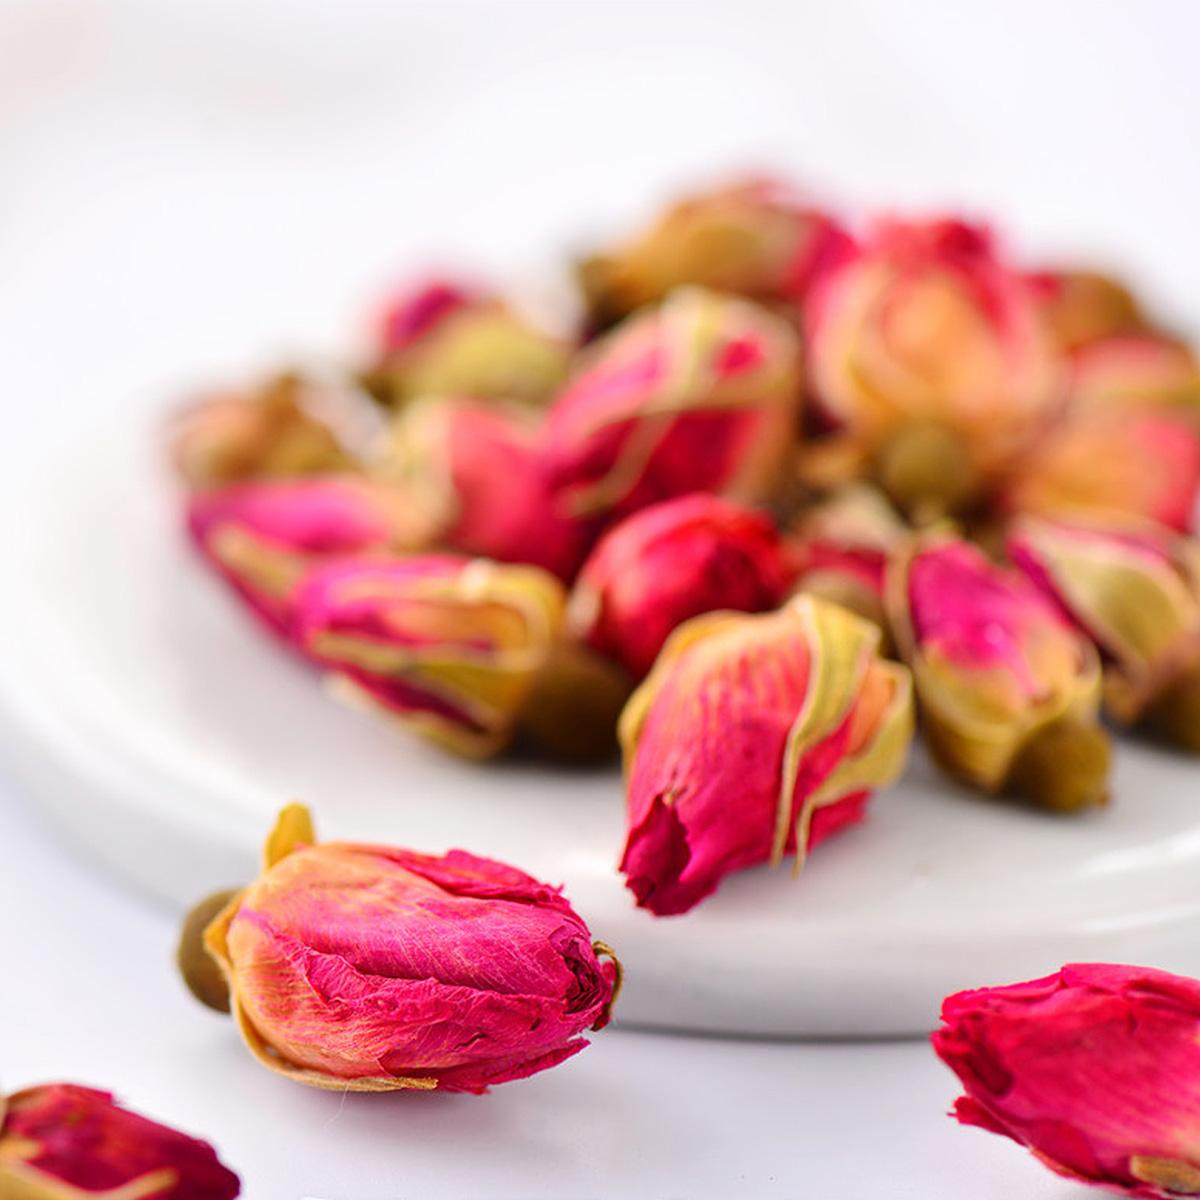 Rose Tea Rrugosa Tea Rose Flower Tea - 4uTea | 4uTea.com